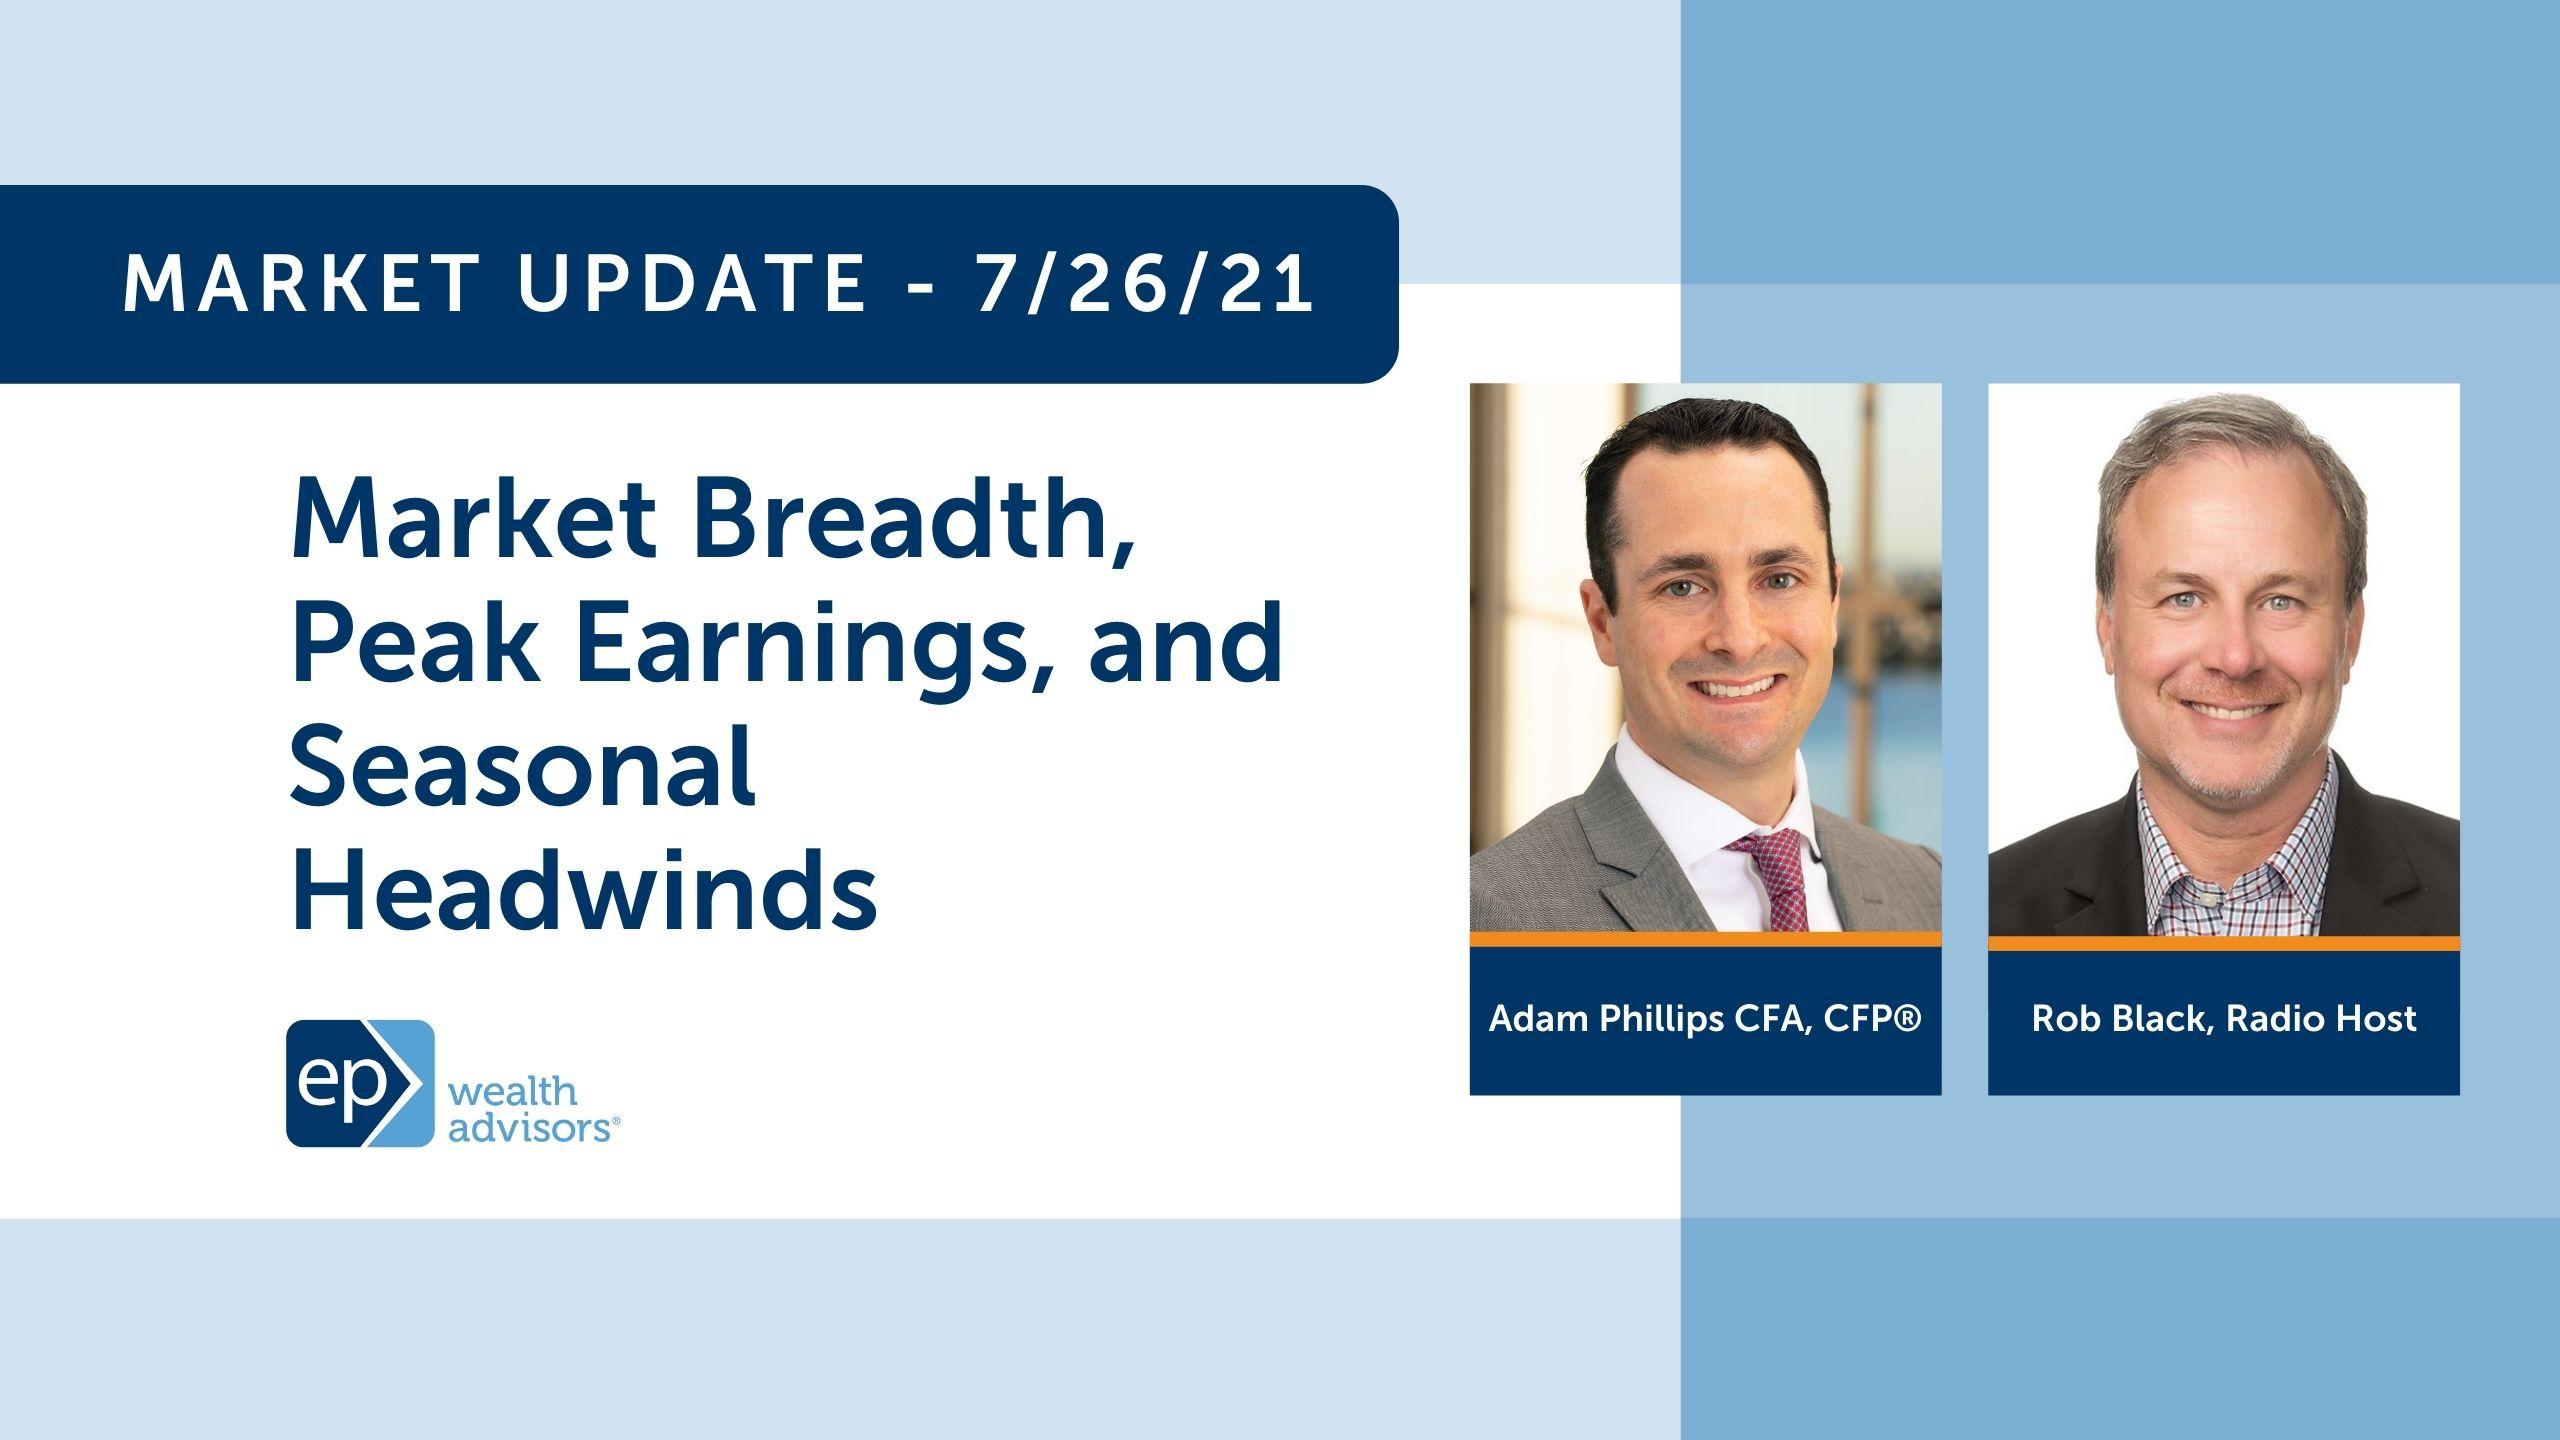 Market Breadth, Peak Earnings & Seasonal Headwinds | Market Update 7/26/21